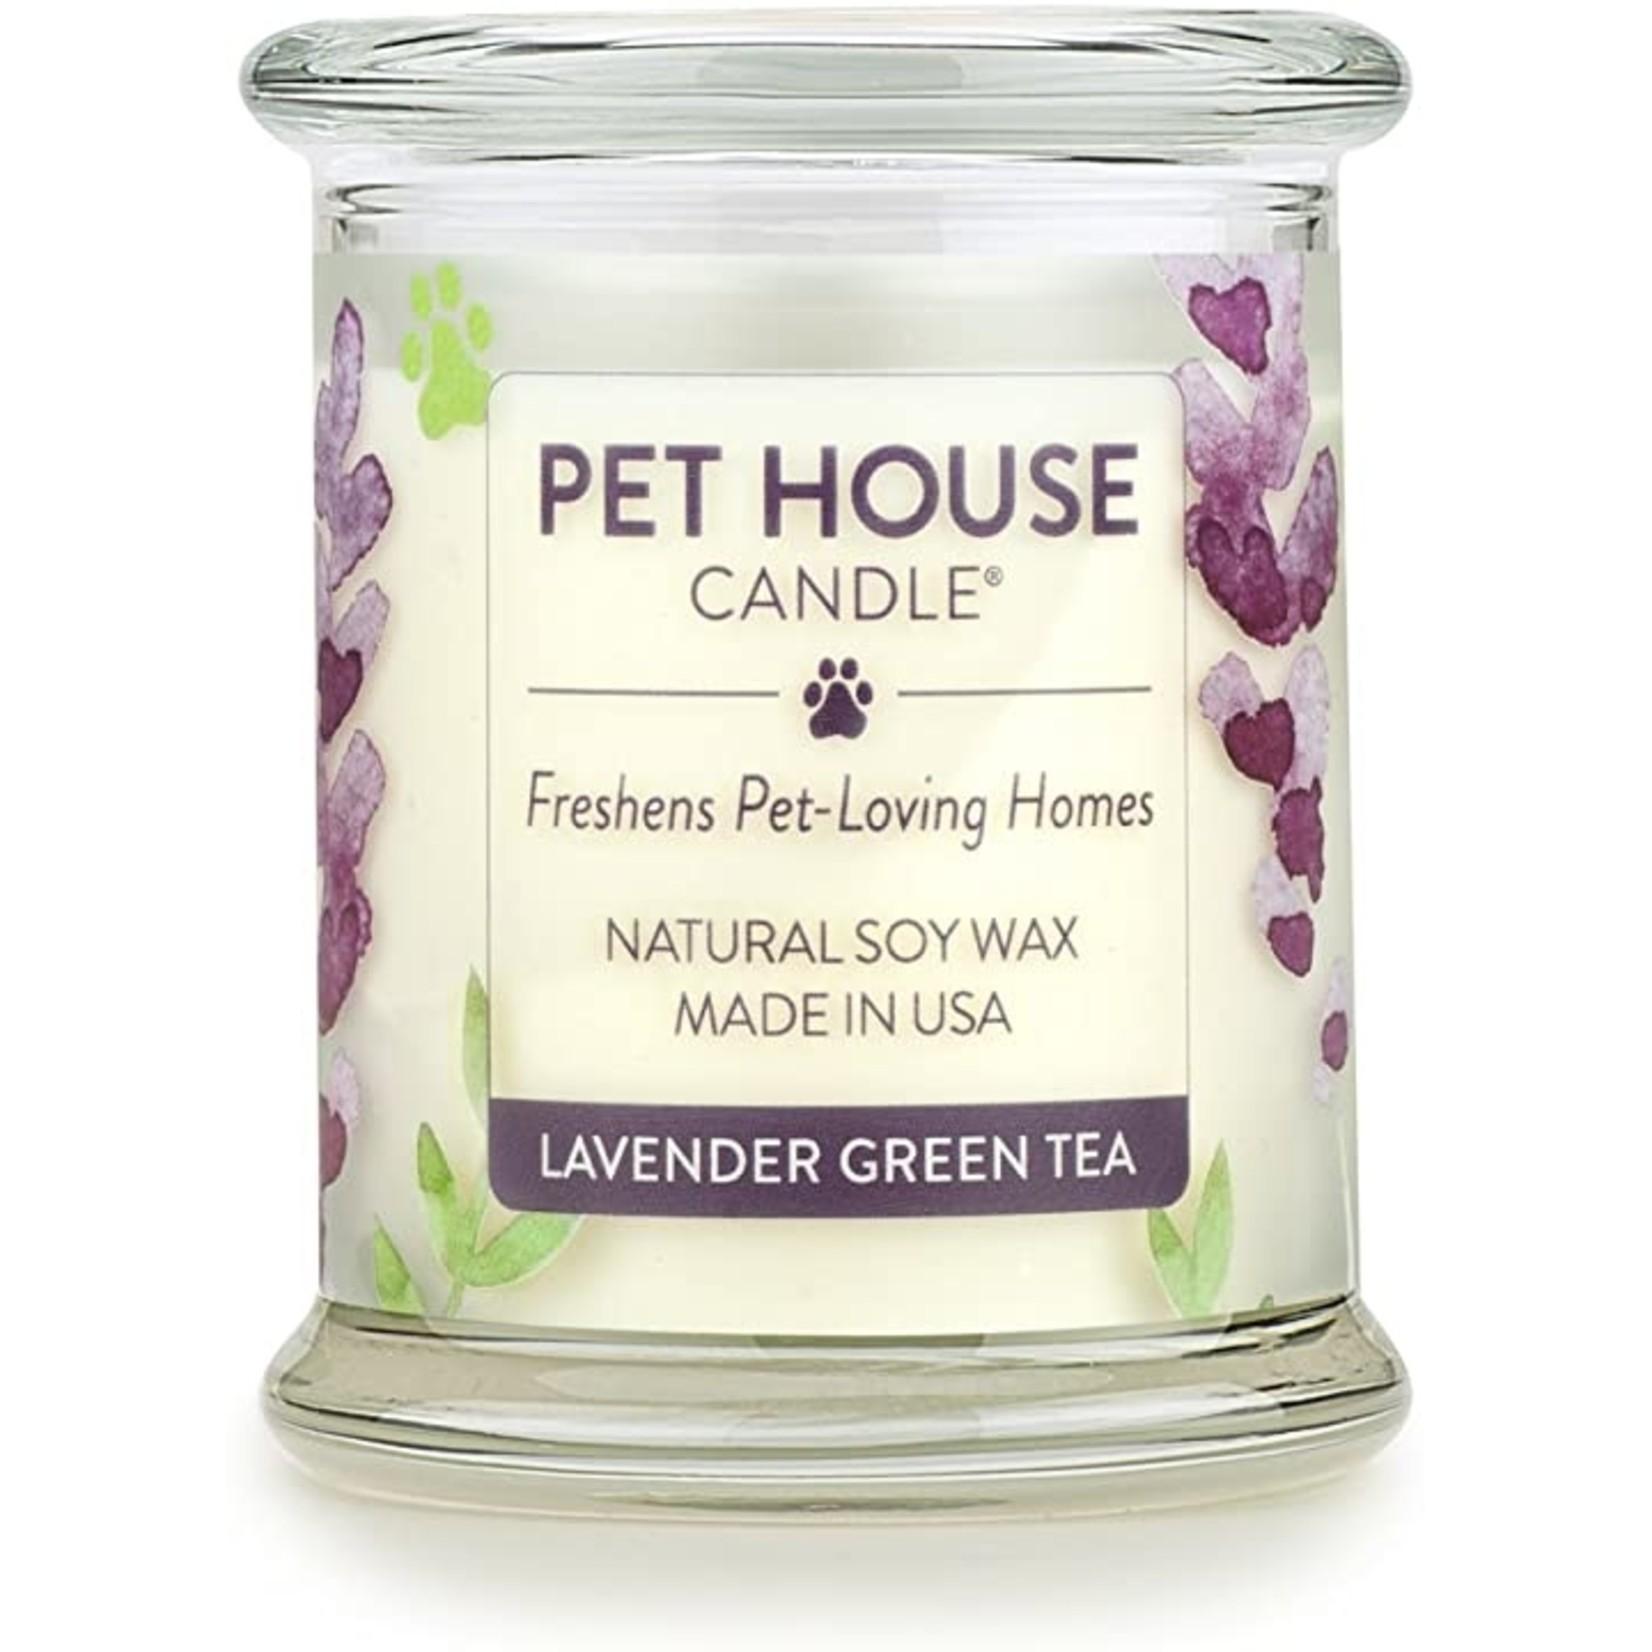 Pet House Pet House Candle Lavender Green Tea 8.5oz